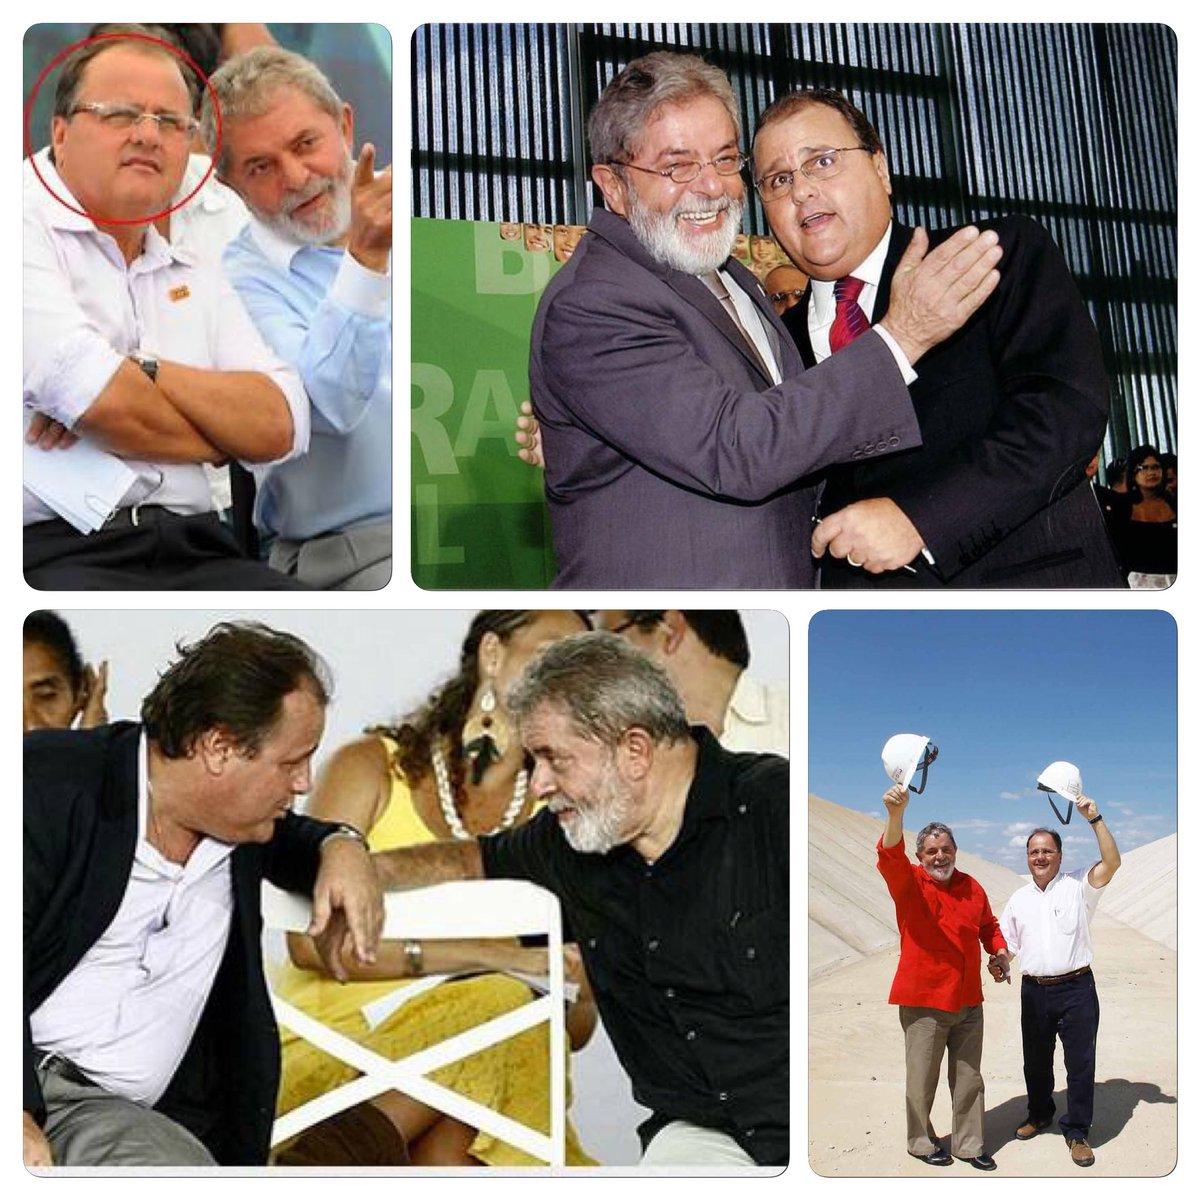 Parem de atrelar Lula a Geddel, ok? Os MAVs do PT ficam bravos.